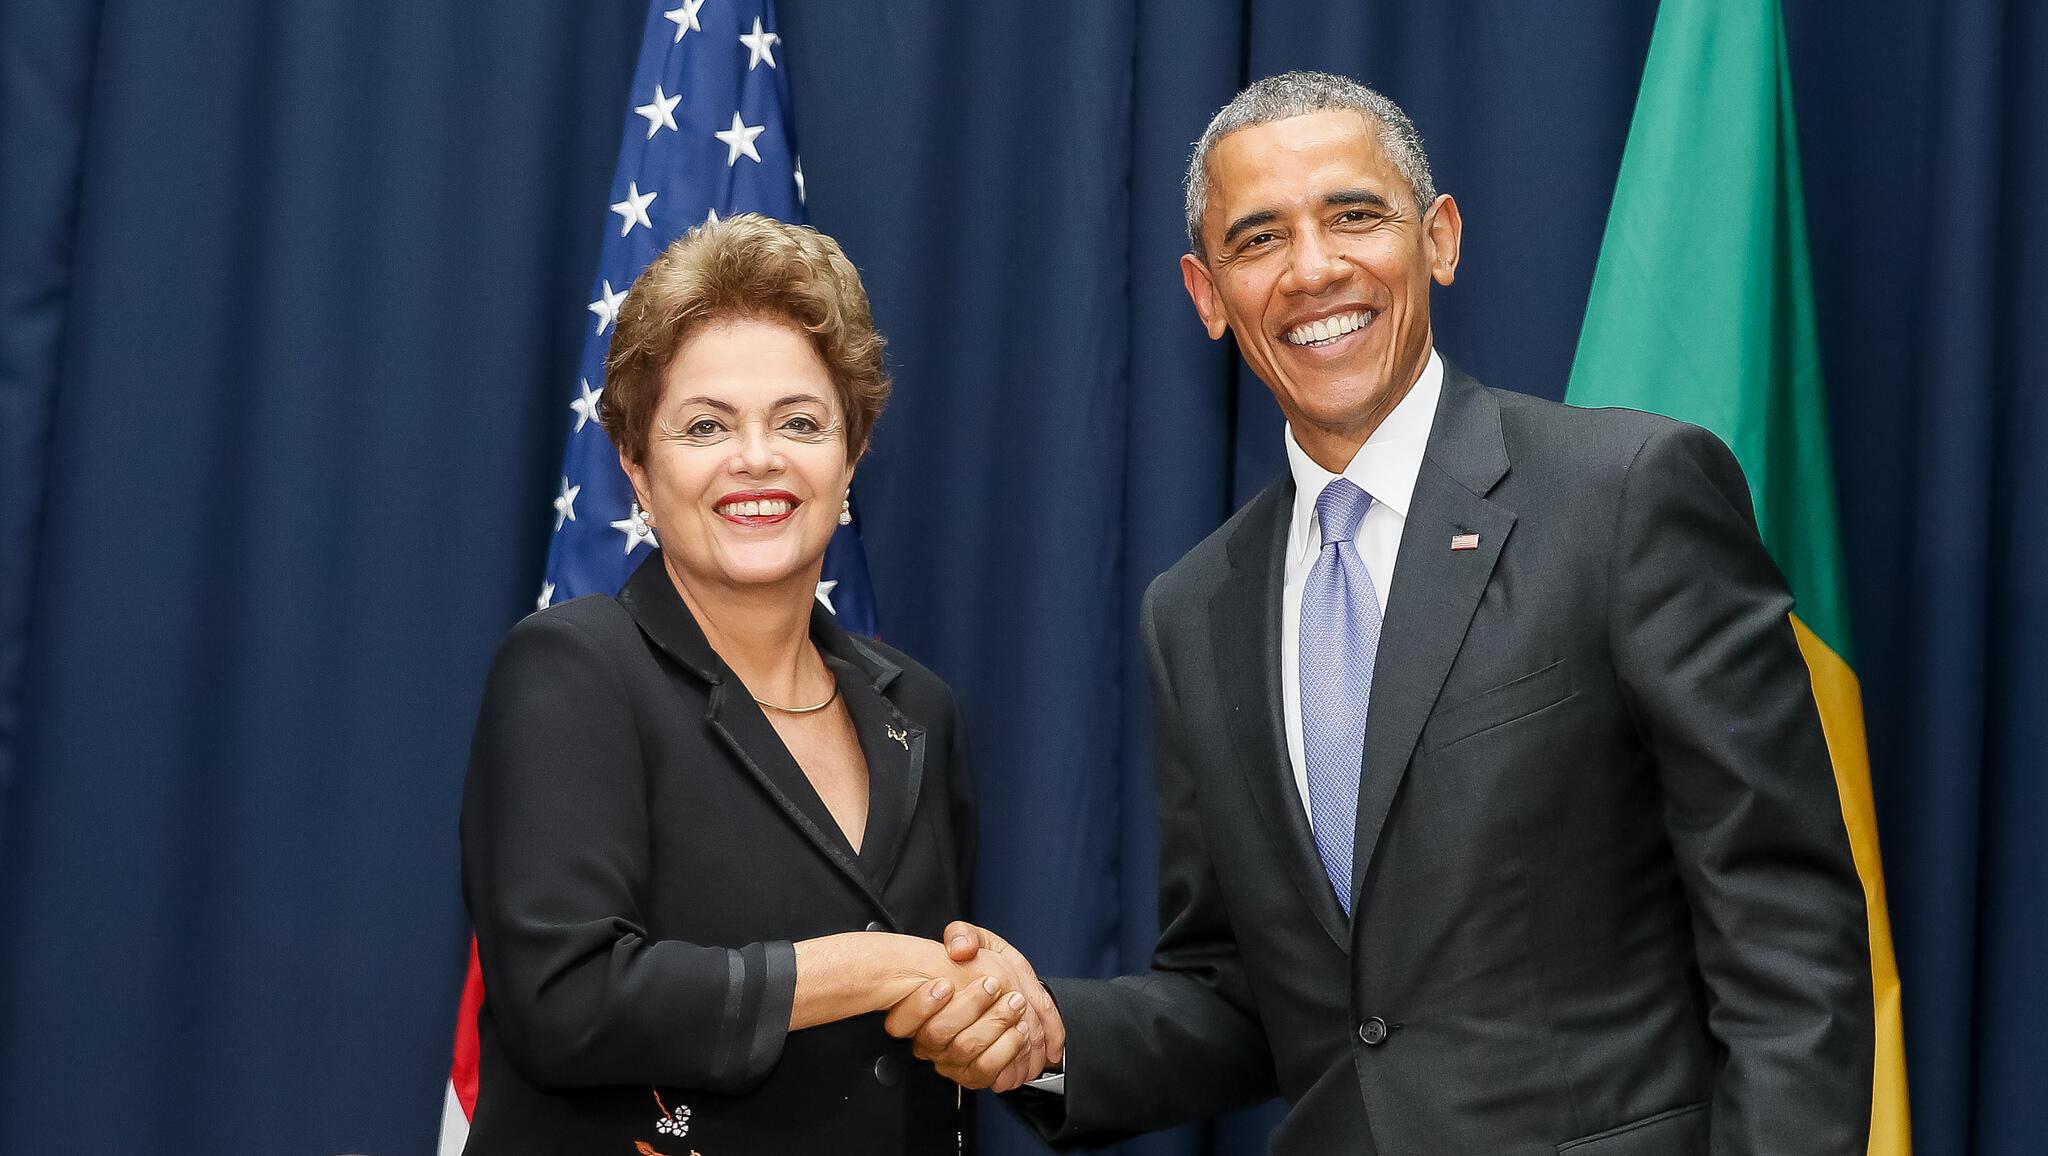 Le présidente brésilienne Dilma Rousseff lors de sa rencontre avec le président américian Barack Obama, lors du sommet de Panama, le 11 avril 2015.